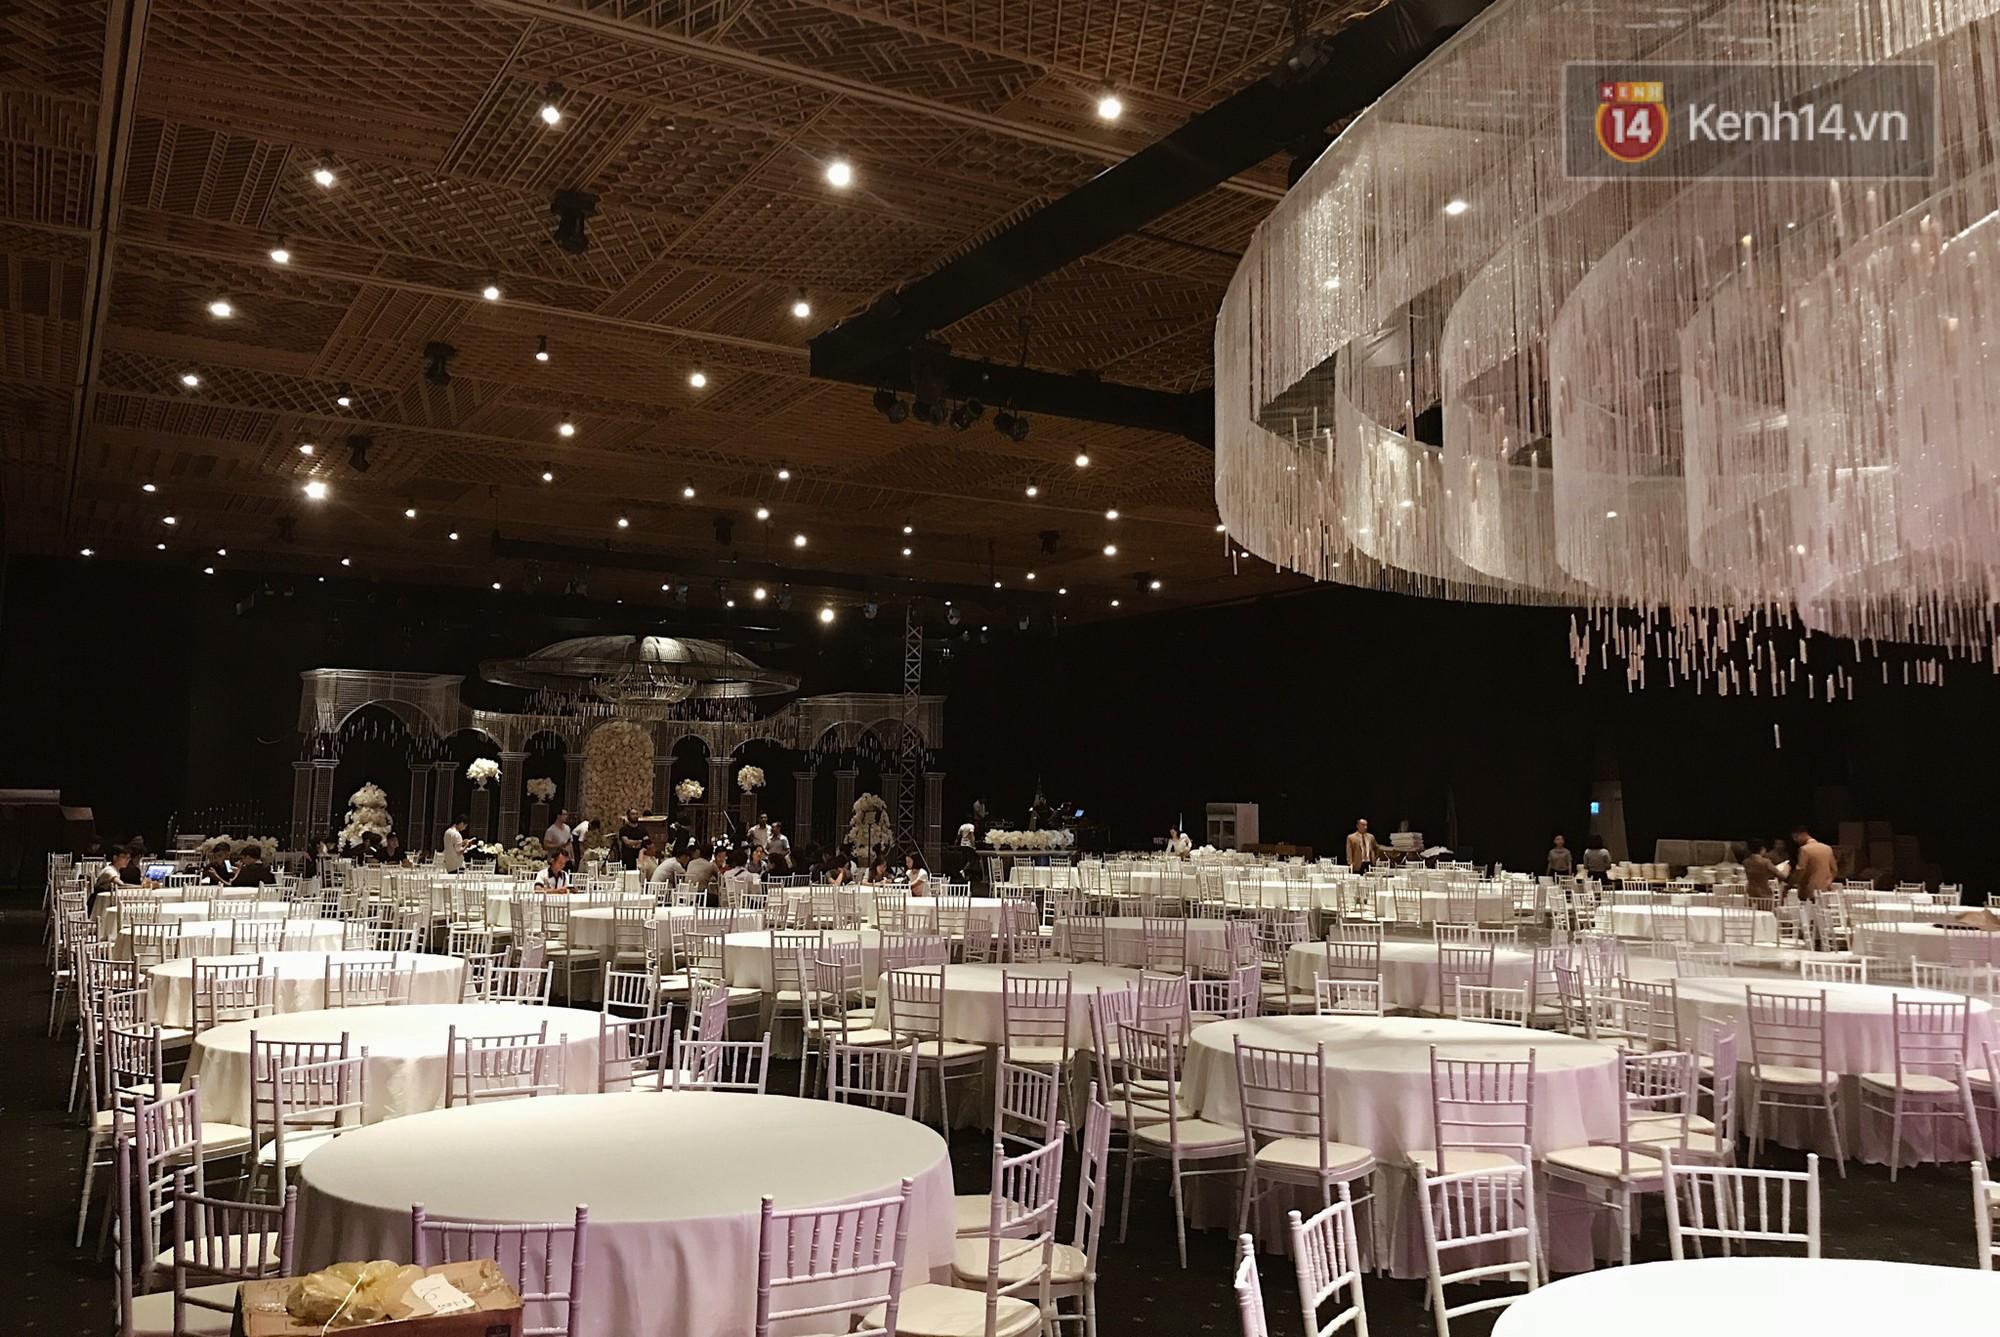 Độc quyền: Hé lộ những hình ảnh đầu tiên về không gian tiệc cưới lộng lẫy của Lan Khuê - John Tuấn Nguyễn - Ảnh 3.